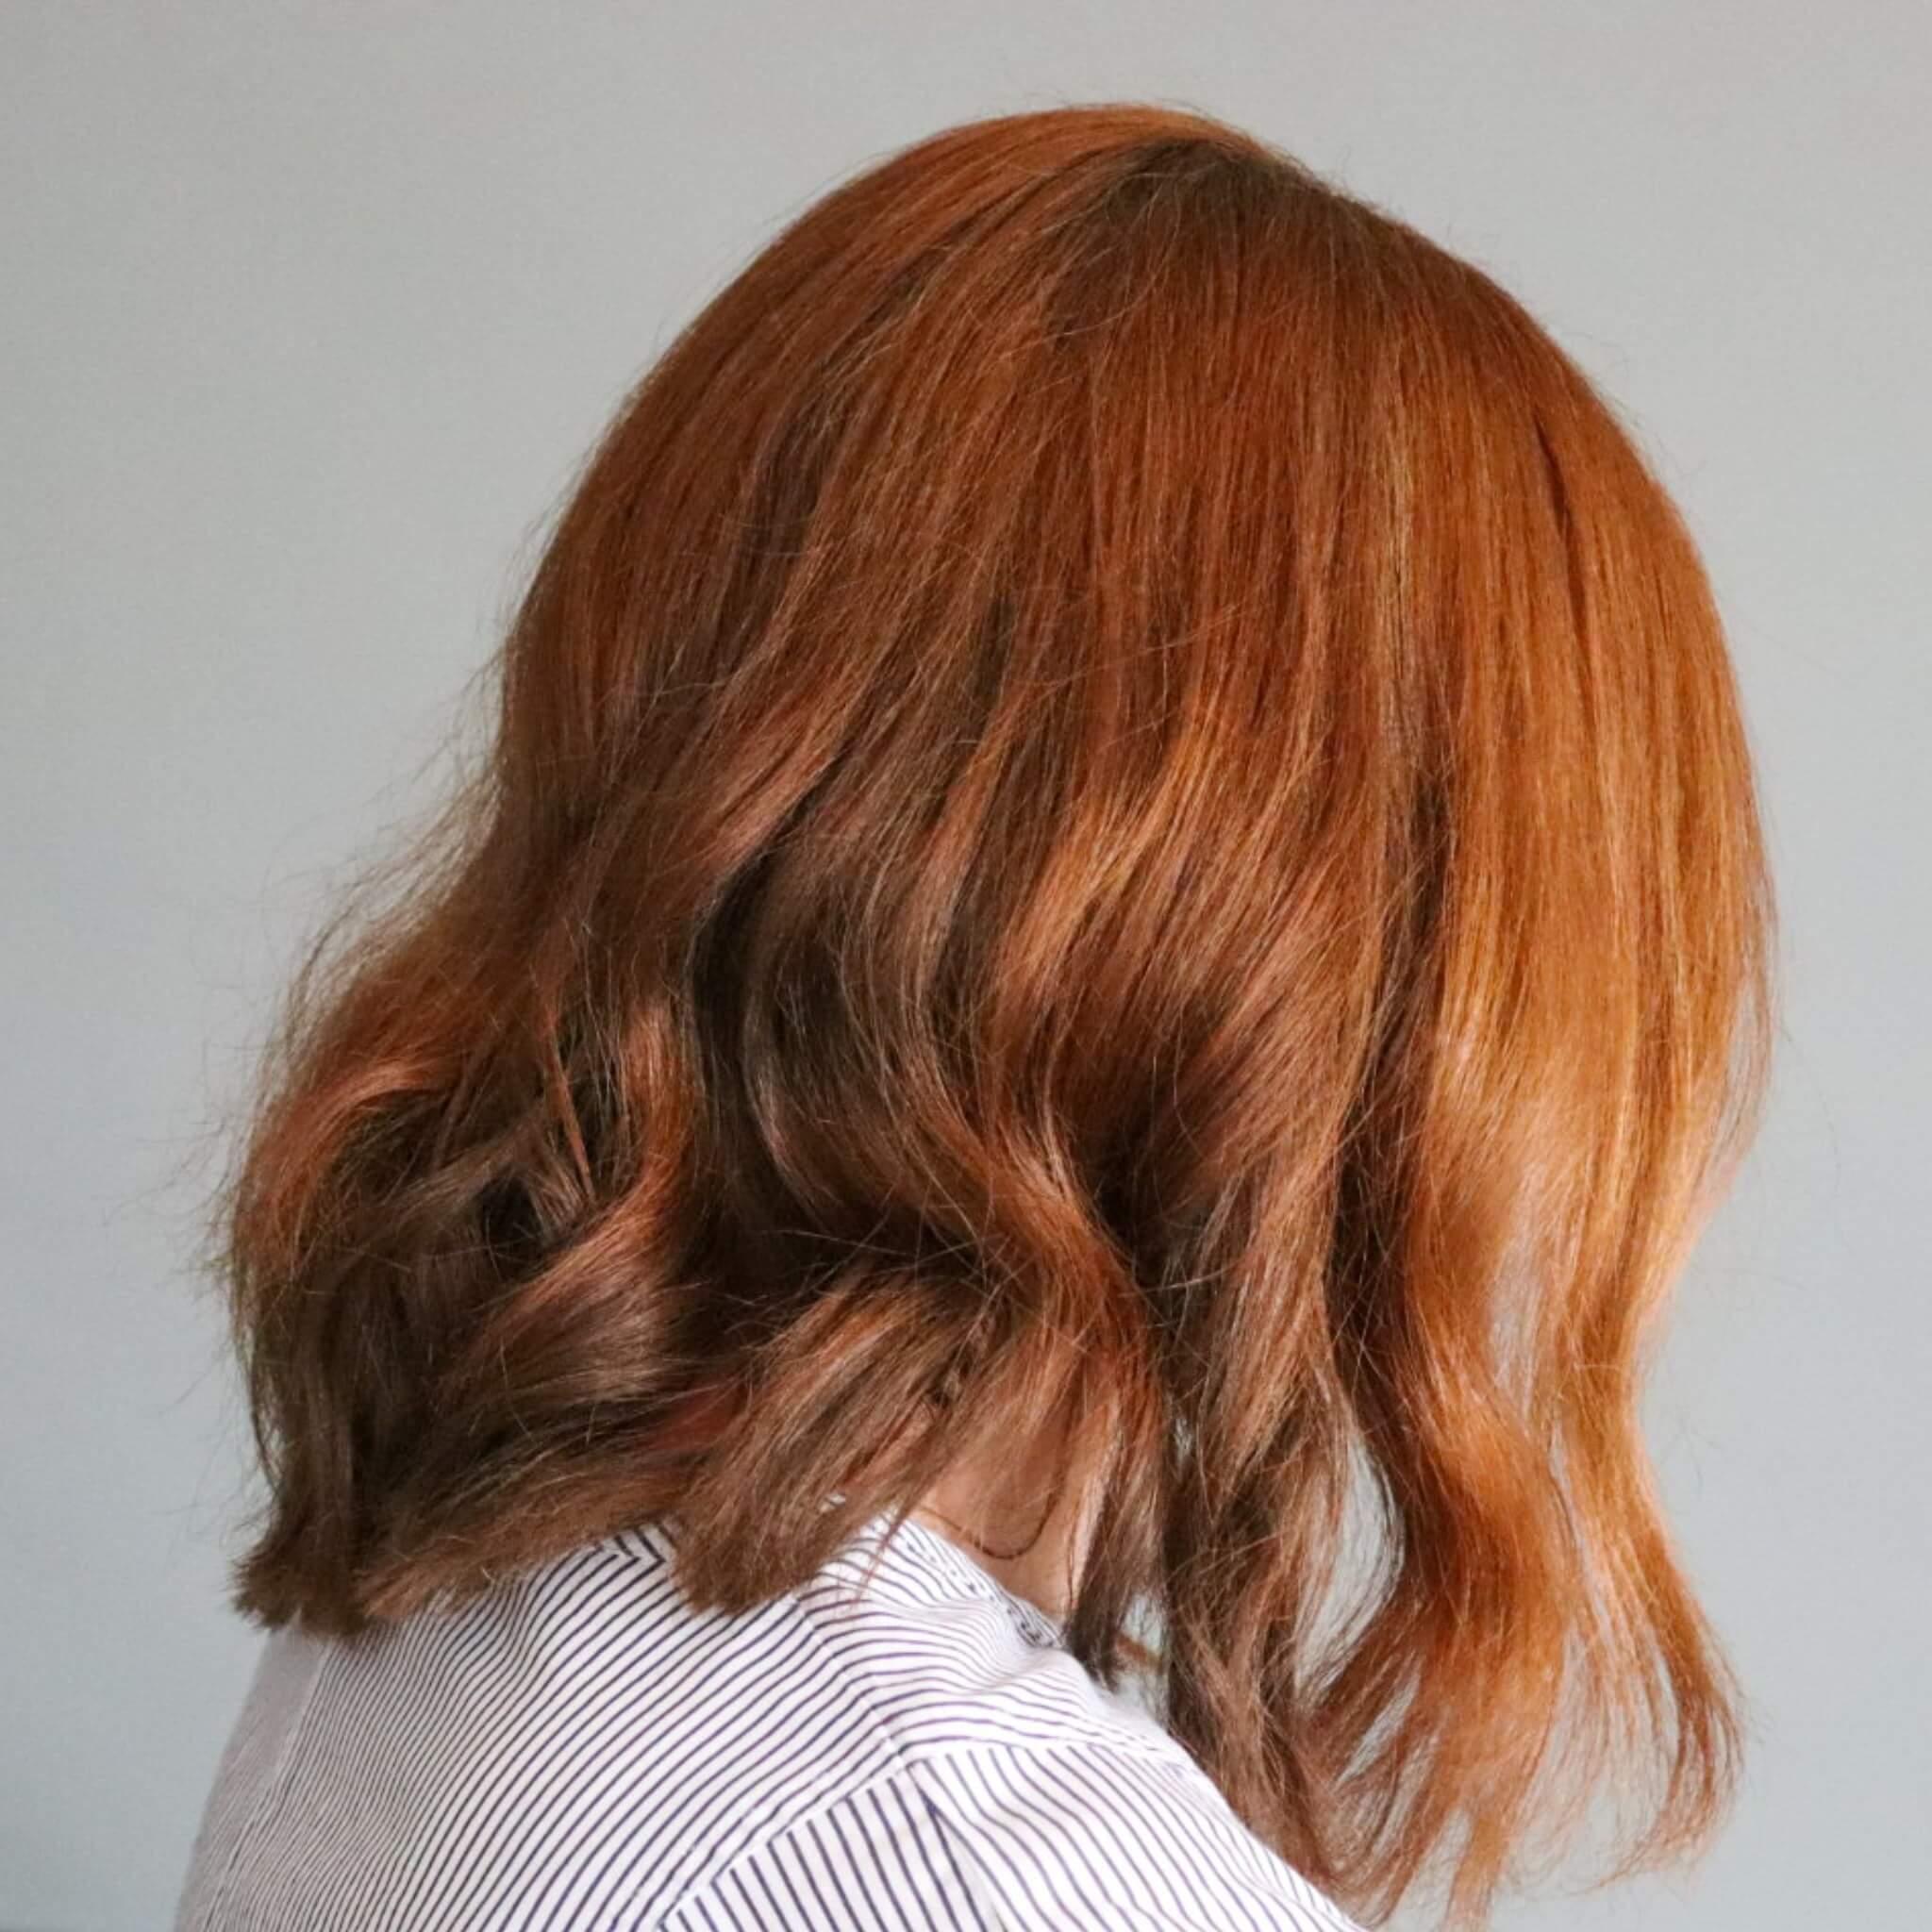 Haare Friseur Haarschnitt lob bob Wellen Stylerebelles